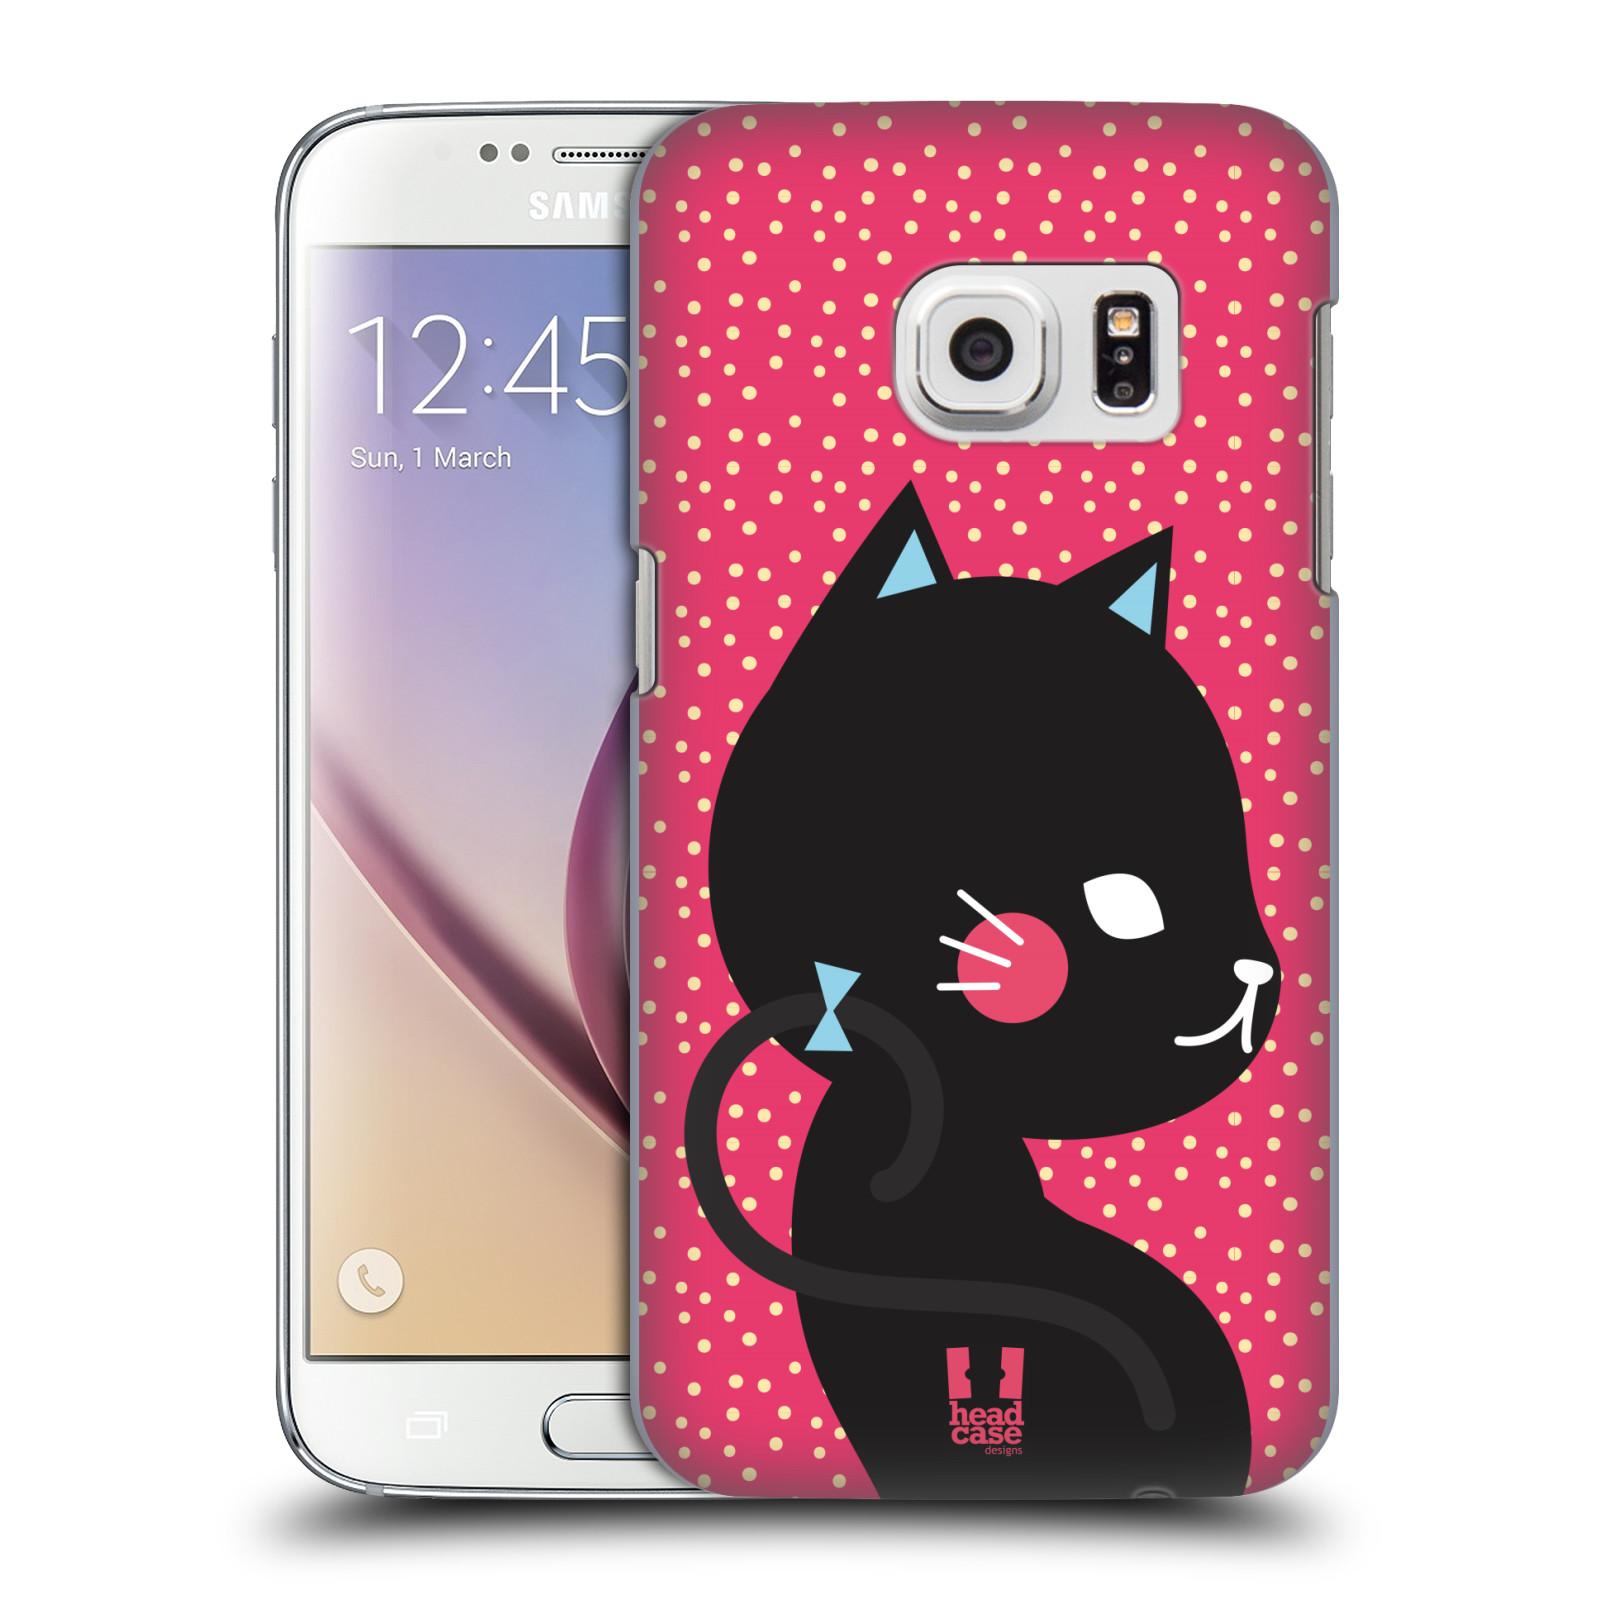 Plastové pouzdro na mobil Samsung Galaxy S7 HEAD CASE KOČIČKA ČERNÁ NA RŮŽOVÉ (Kryt či obal na mobilní telefon Samsung Galaxy S7 SM-G930F)